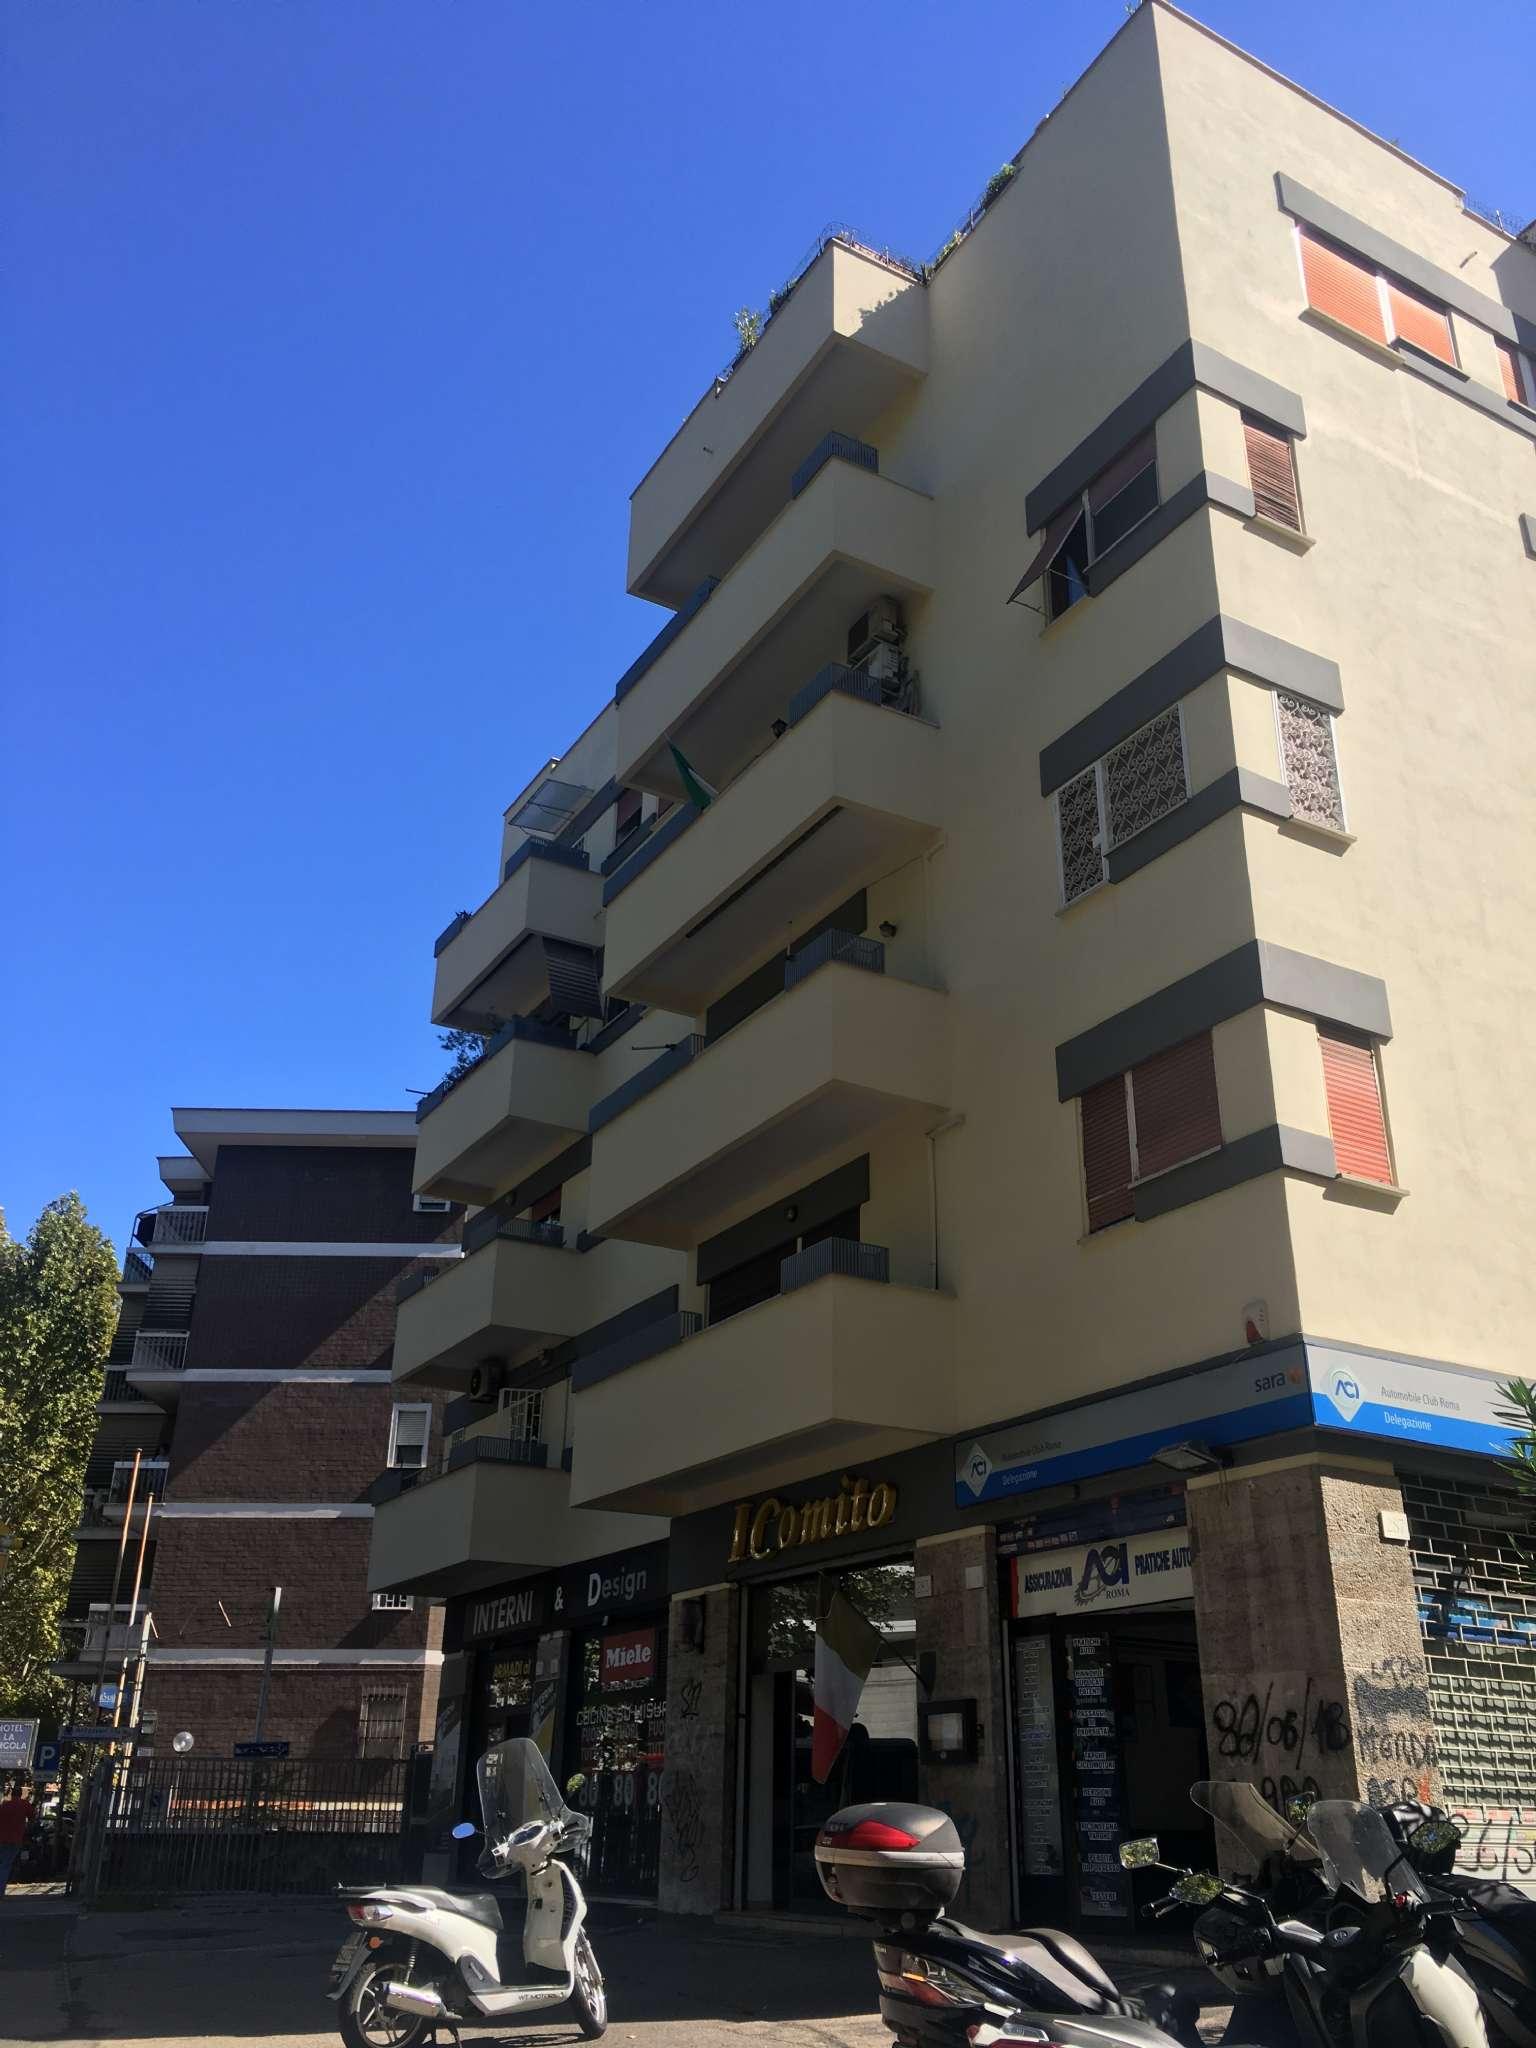 Appartamento in vendita a Roma, 3 locali, zona Zona: 6 . Nuovo Salario, Prati Fiscali, Tufello, Conca d'Oro, Città giardino, prezzo € 355.000 | CambioCasa.it